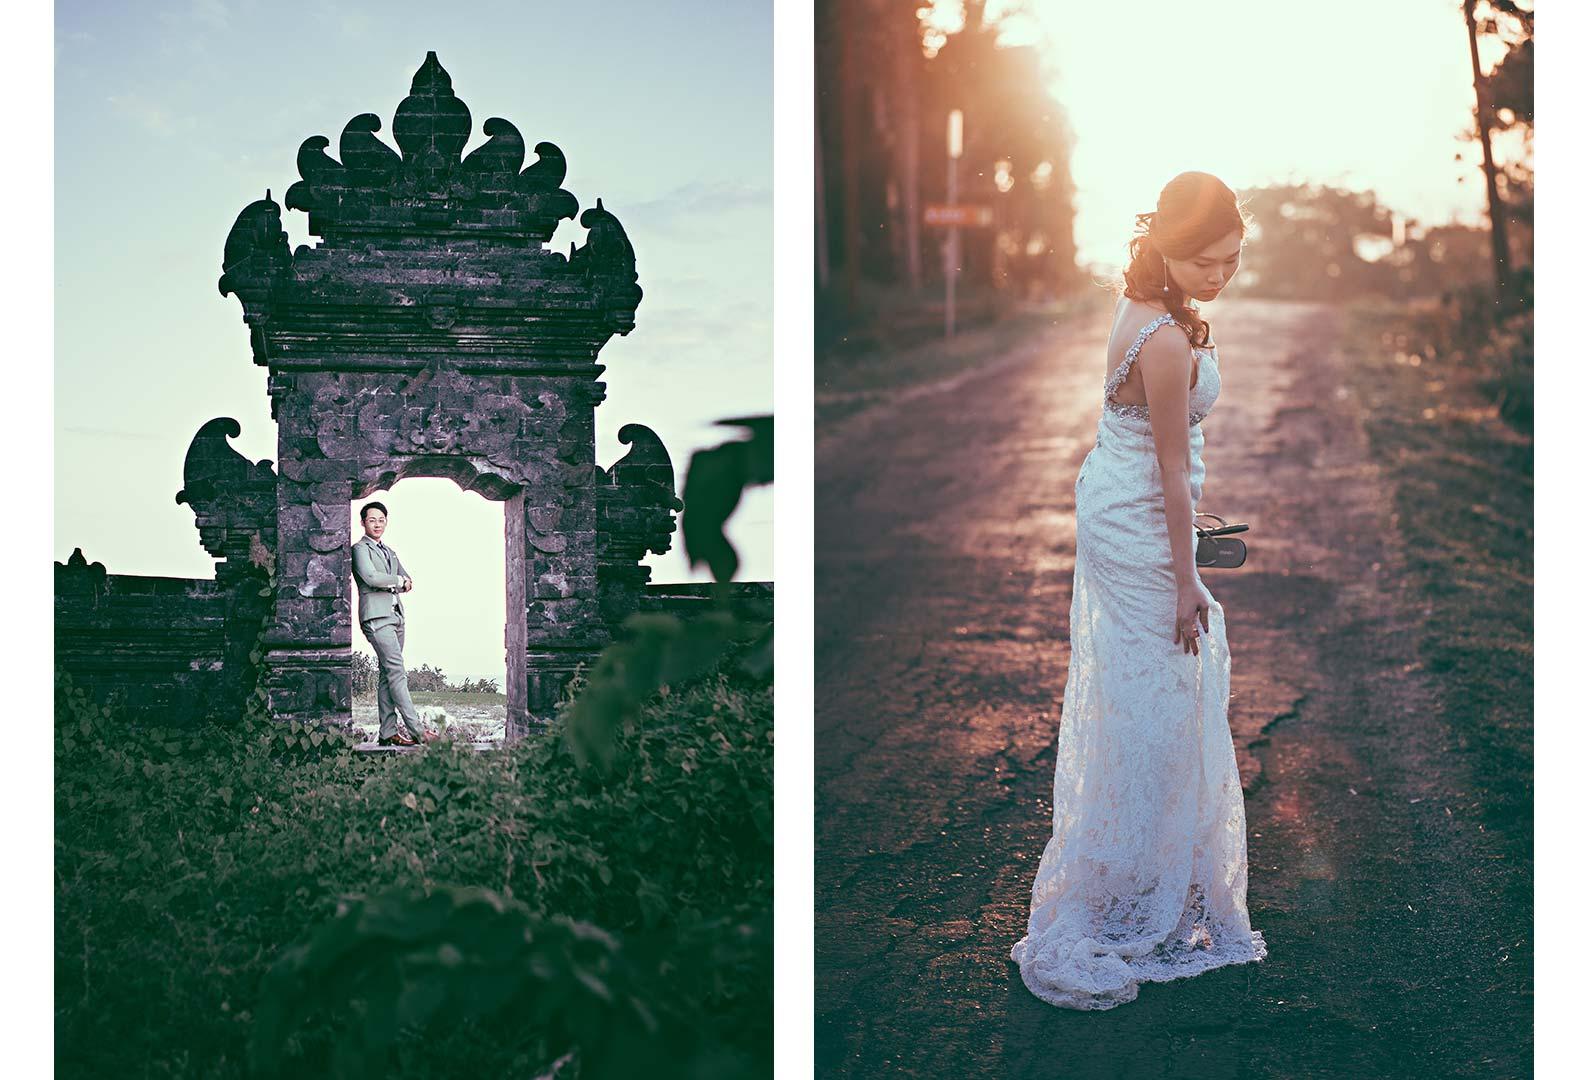 Bali female engagement photographer